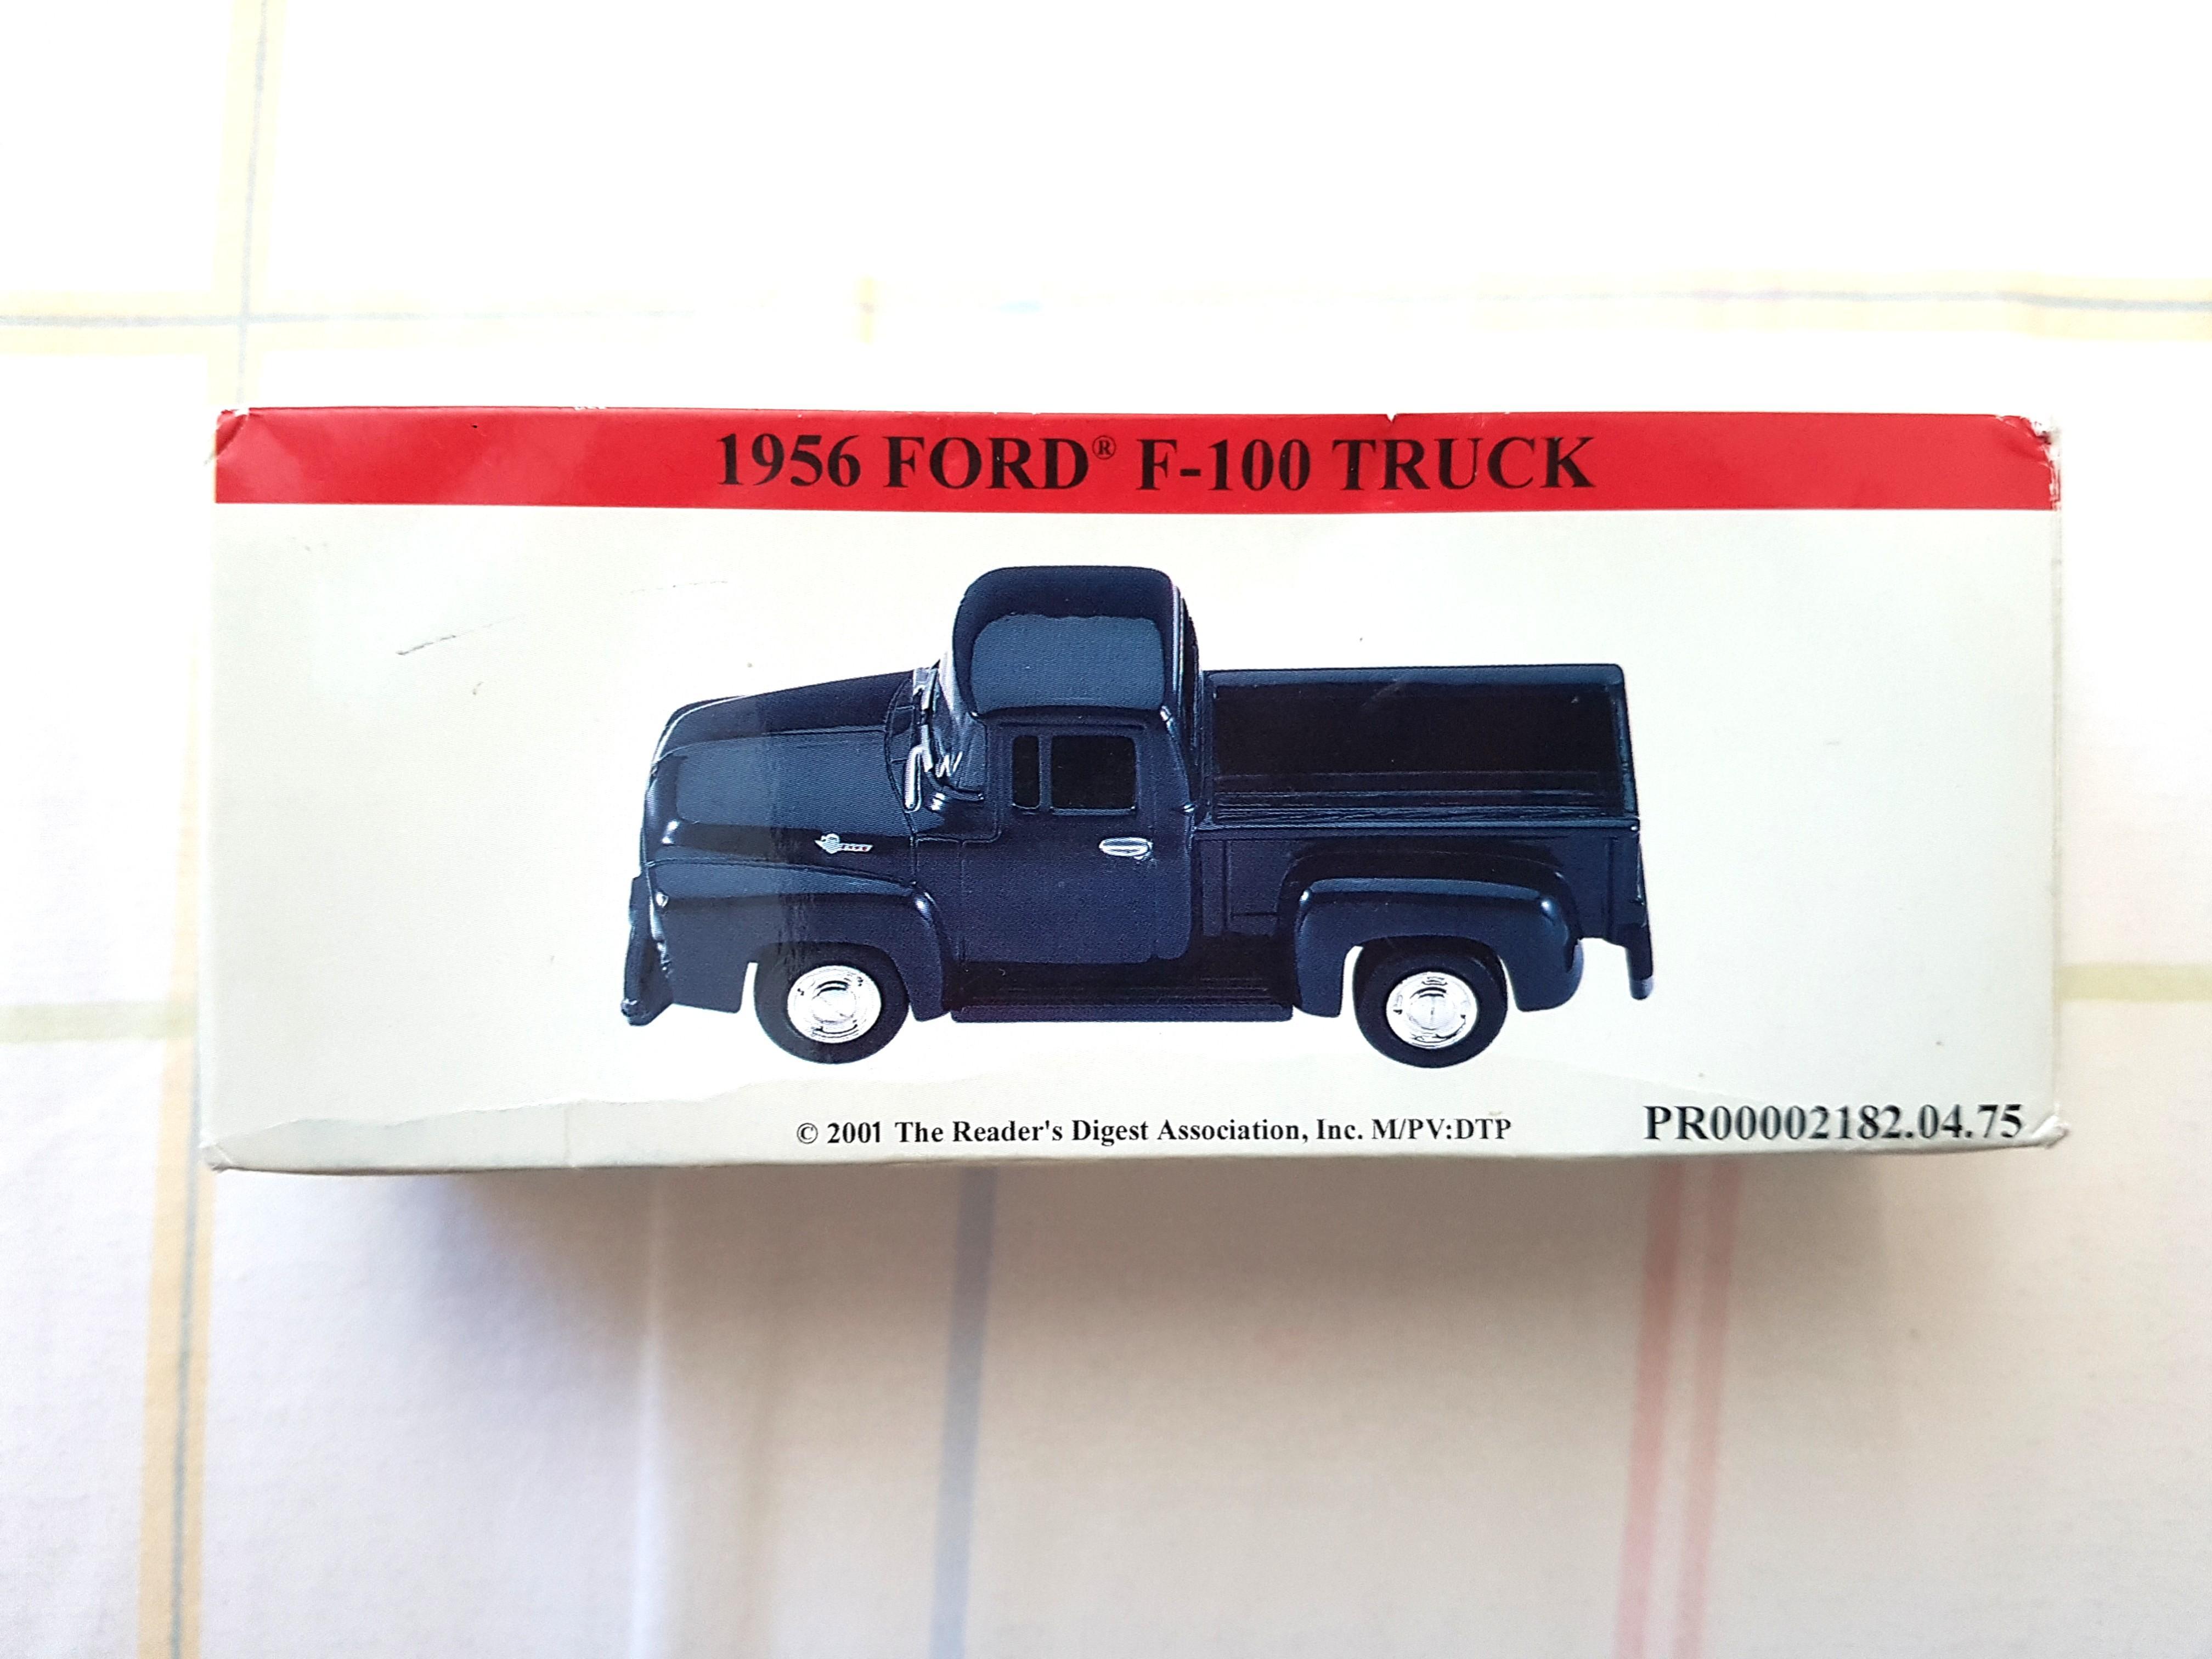 Ford 1956 F-100 model truck, vintage